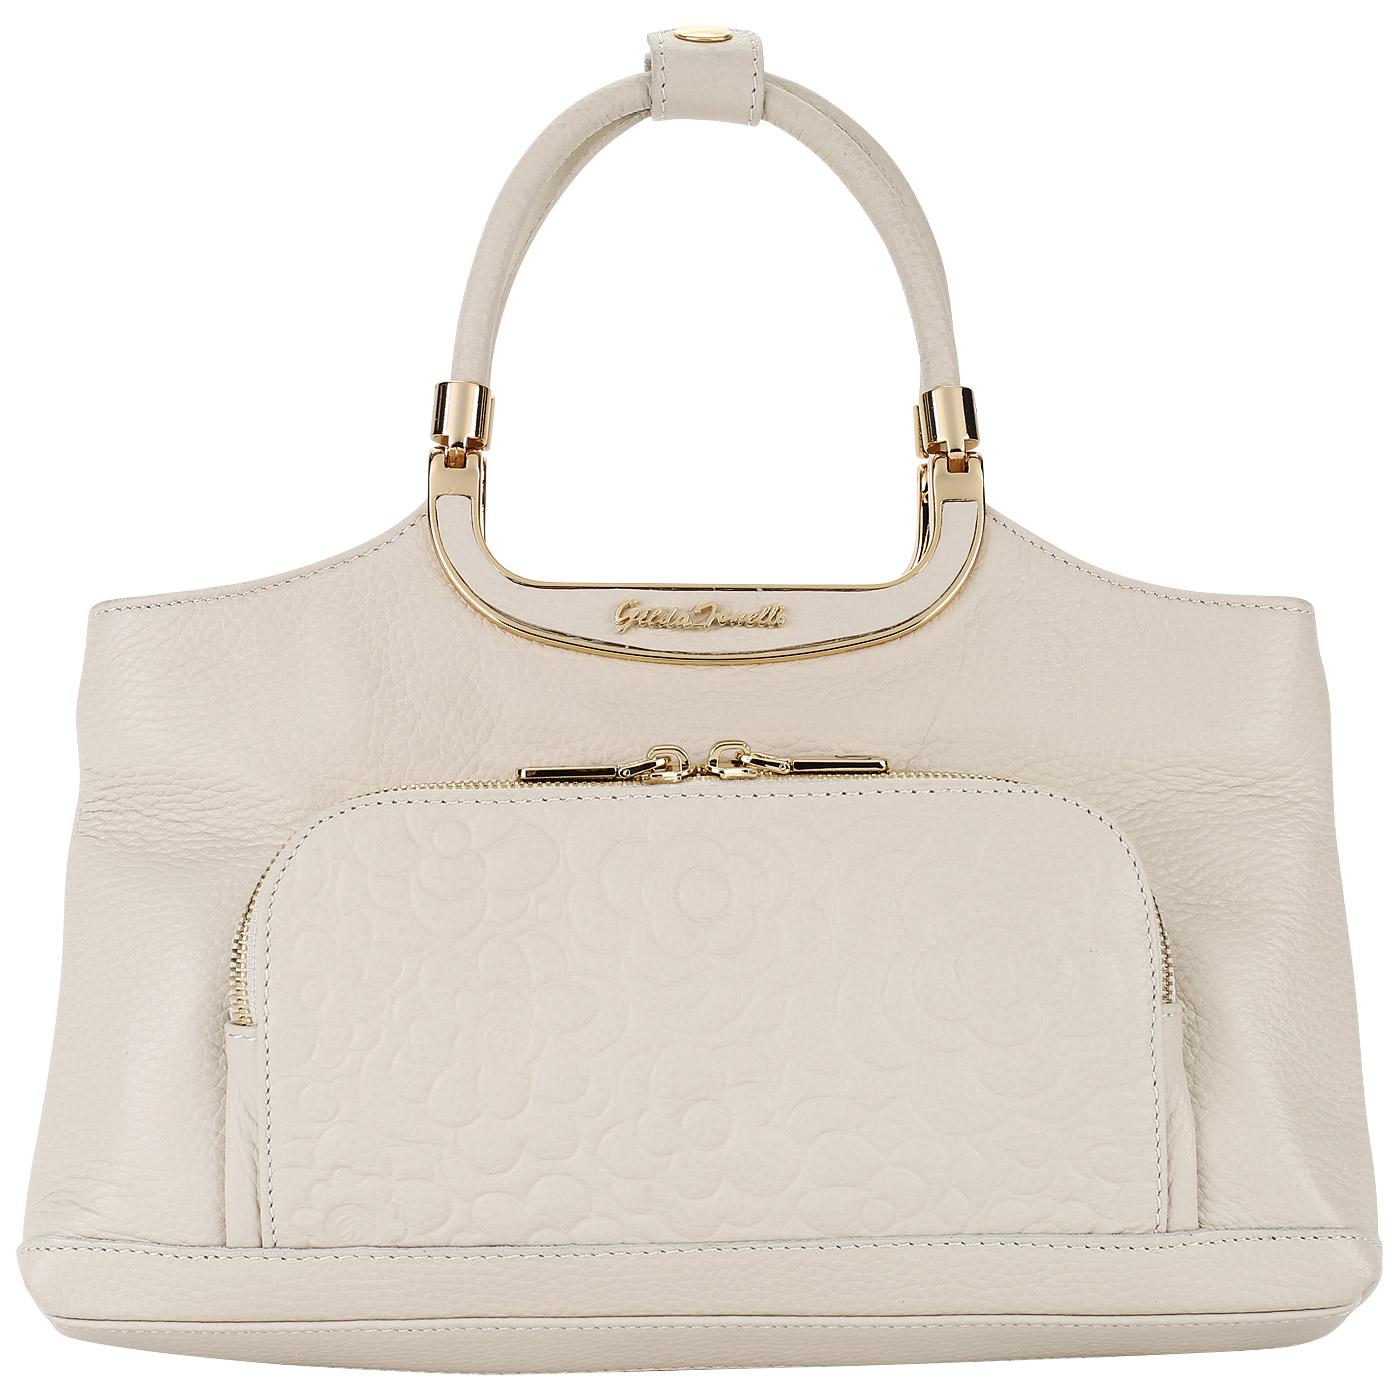 4e81b3896485 ... Аккуратная женская сумка из натуральной кожи Gilda Tonelli Adria  Camelli ...